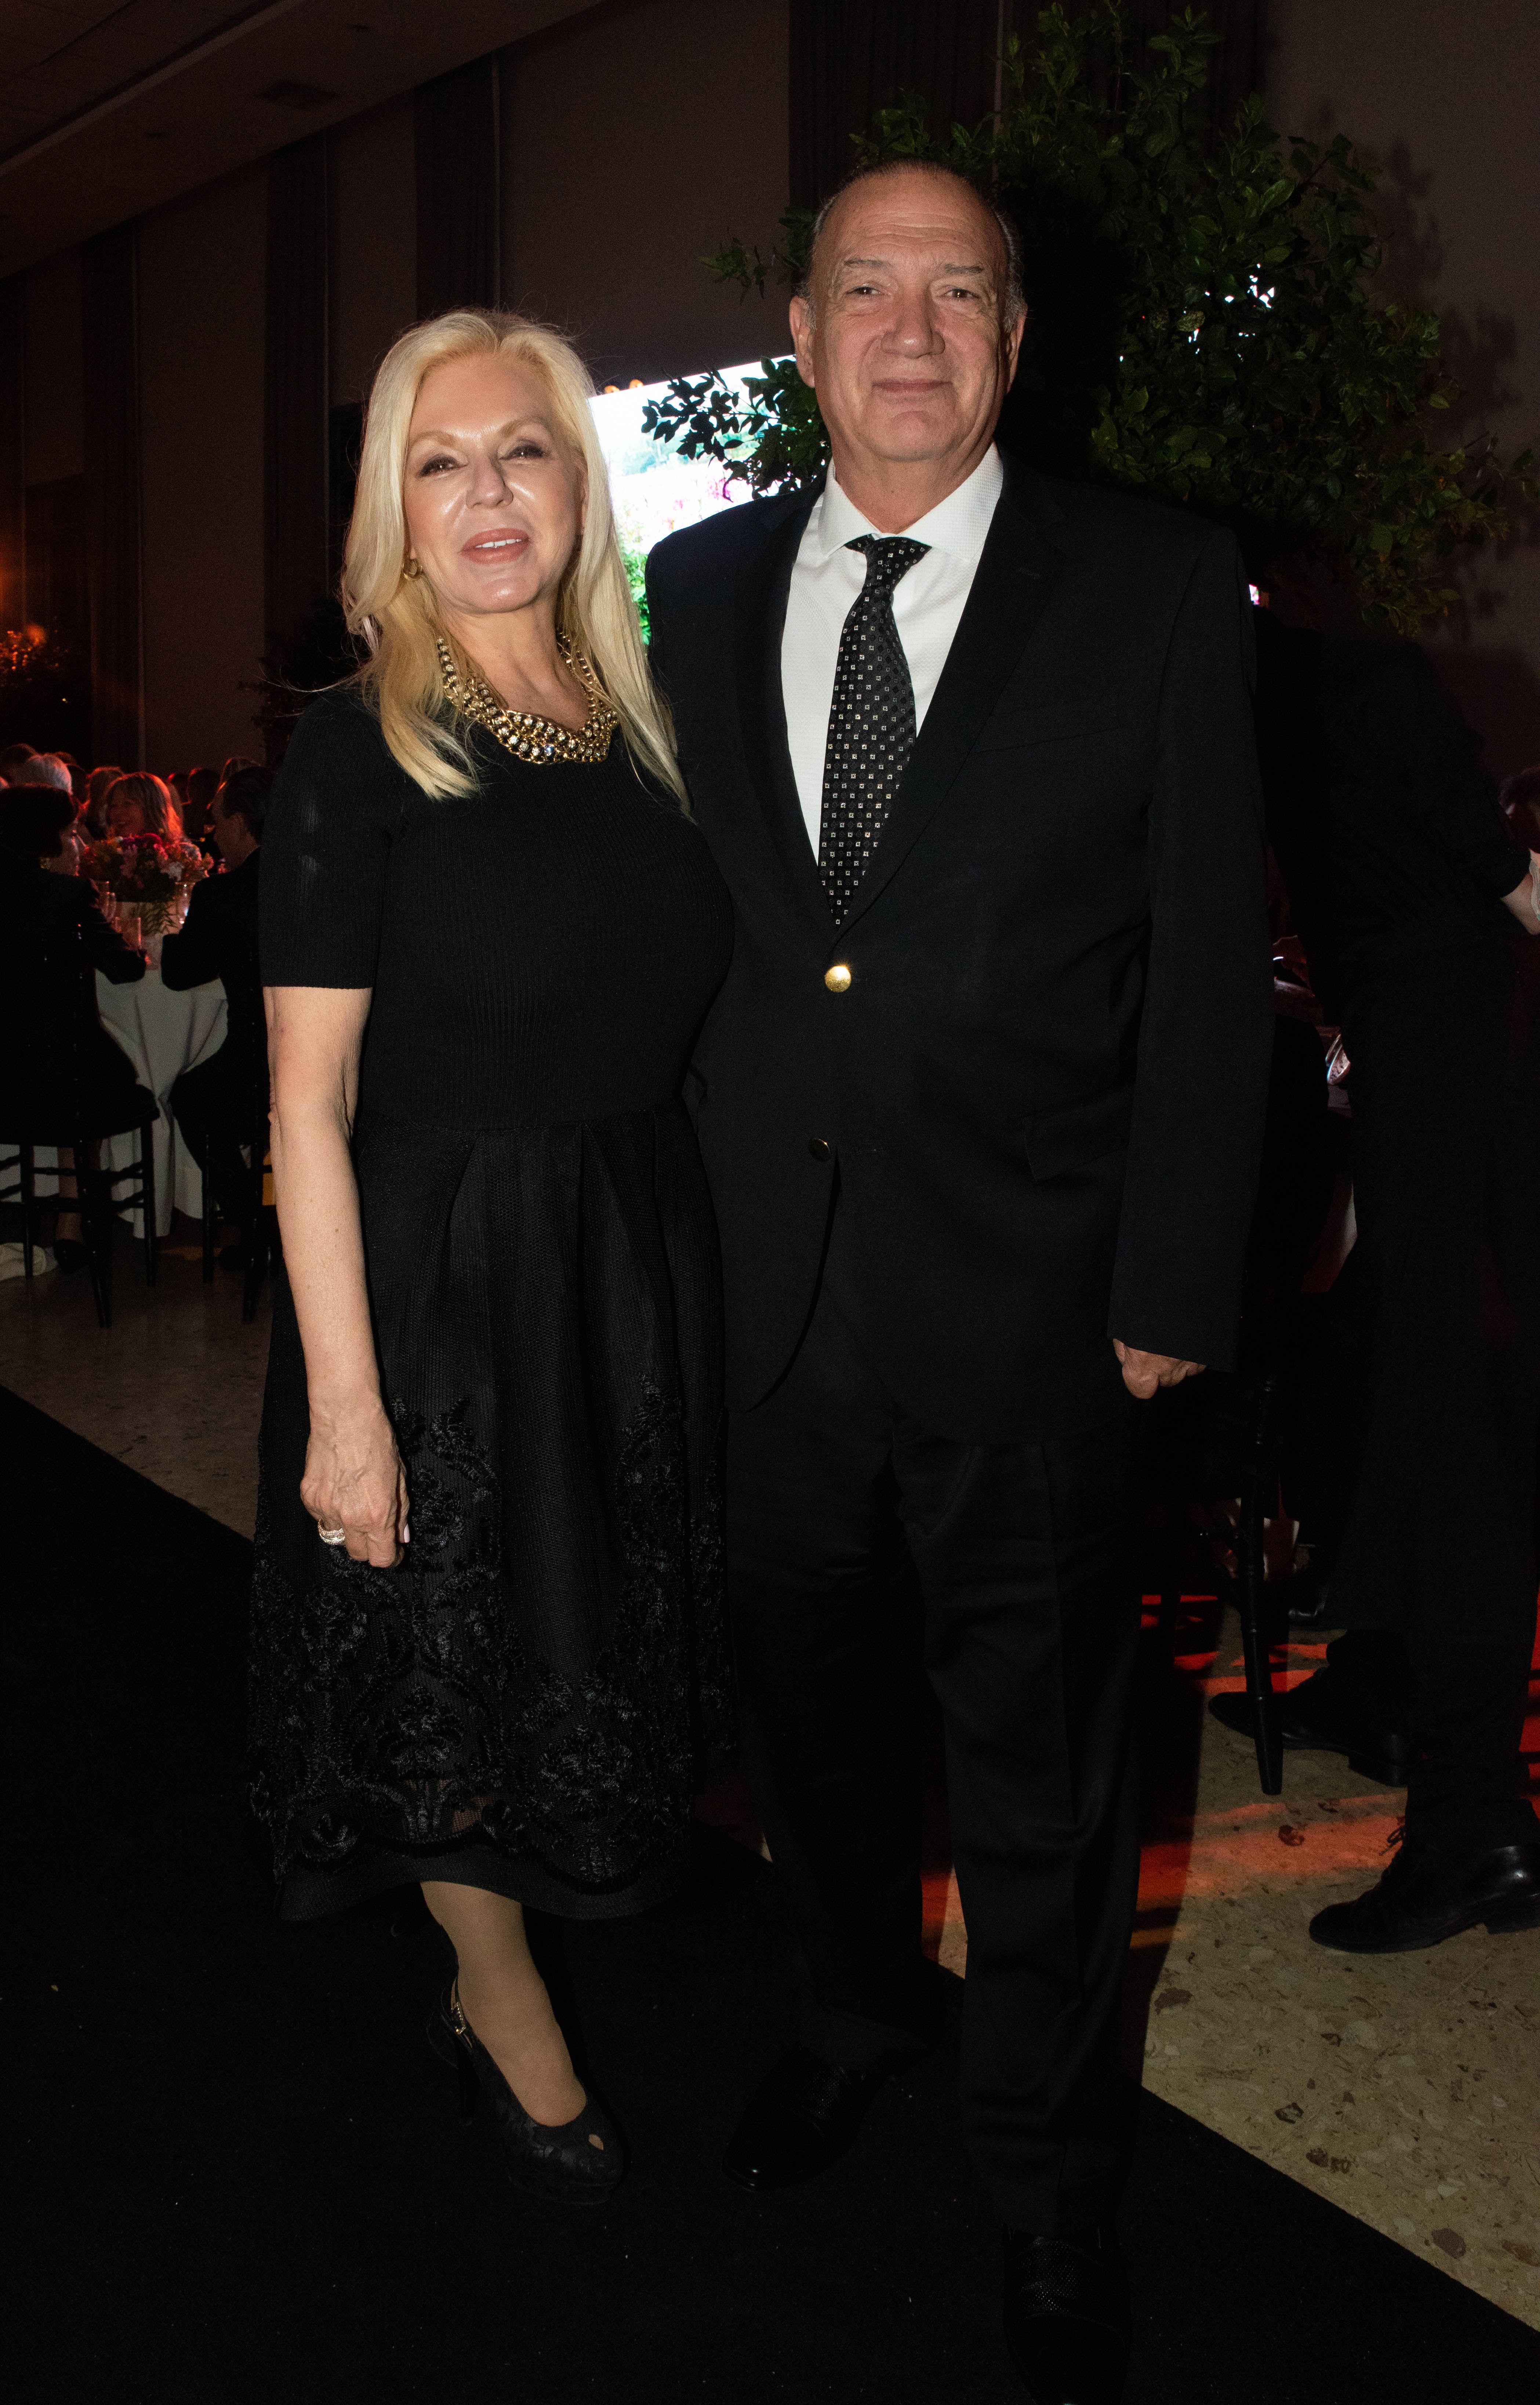 Diana Chugri, presidente de la Fundación Argentina Por Más; y su marido Eduardo Fernández Rostello, director del Hospital Bernardino Rivadavia